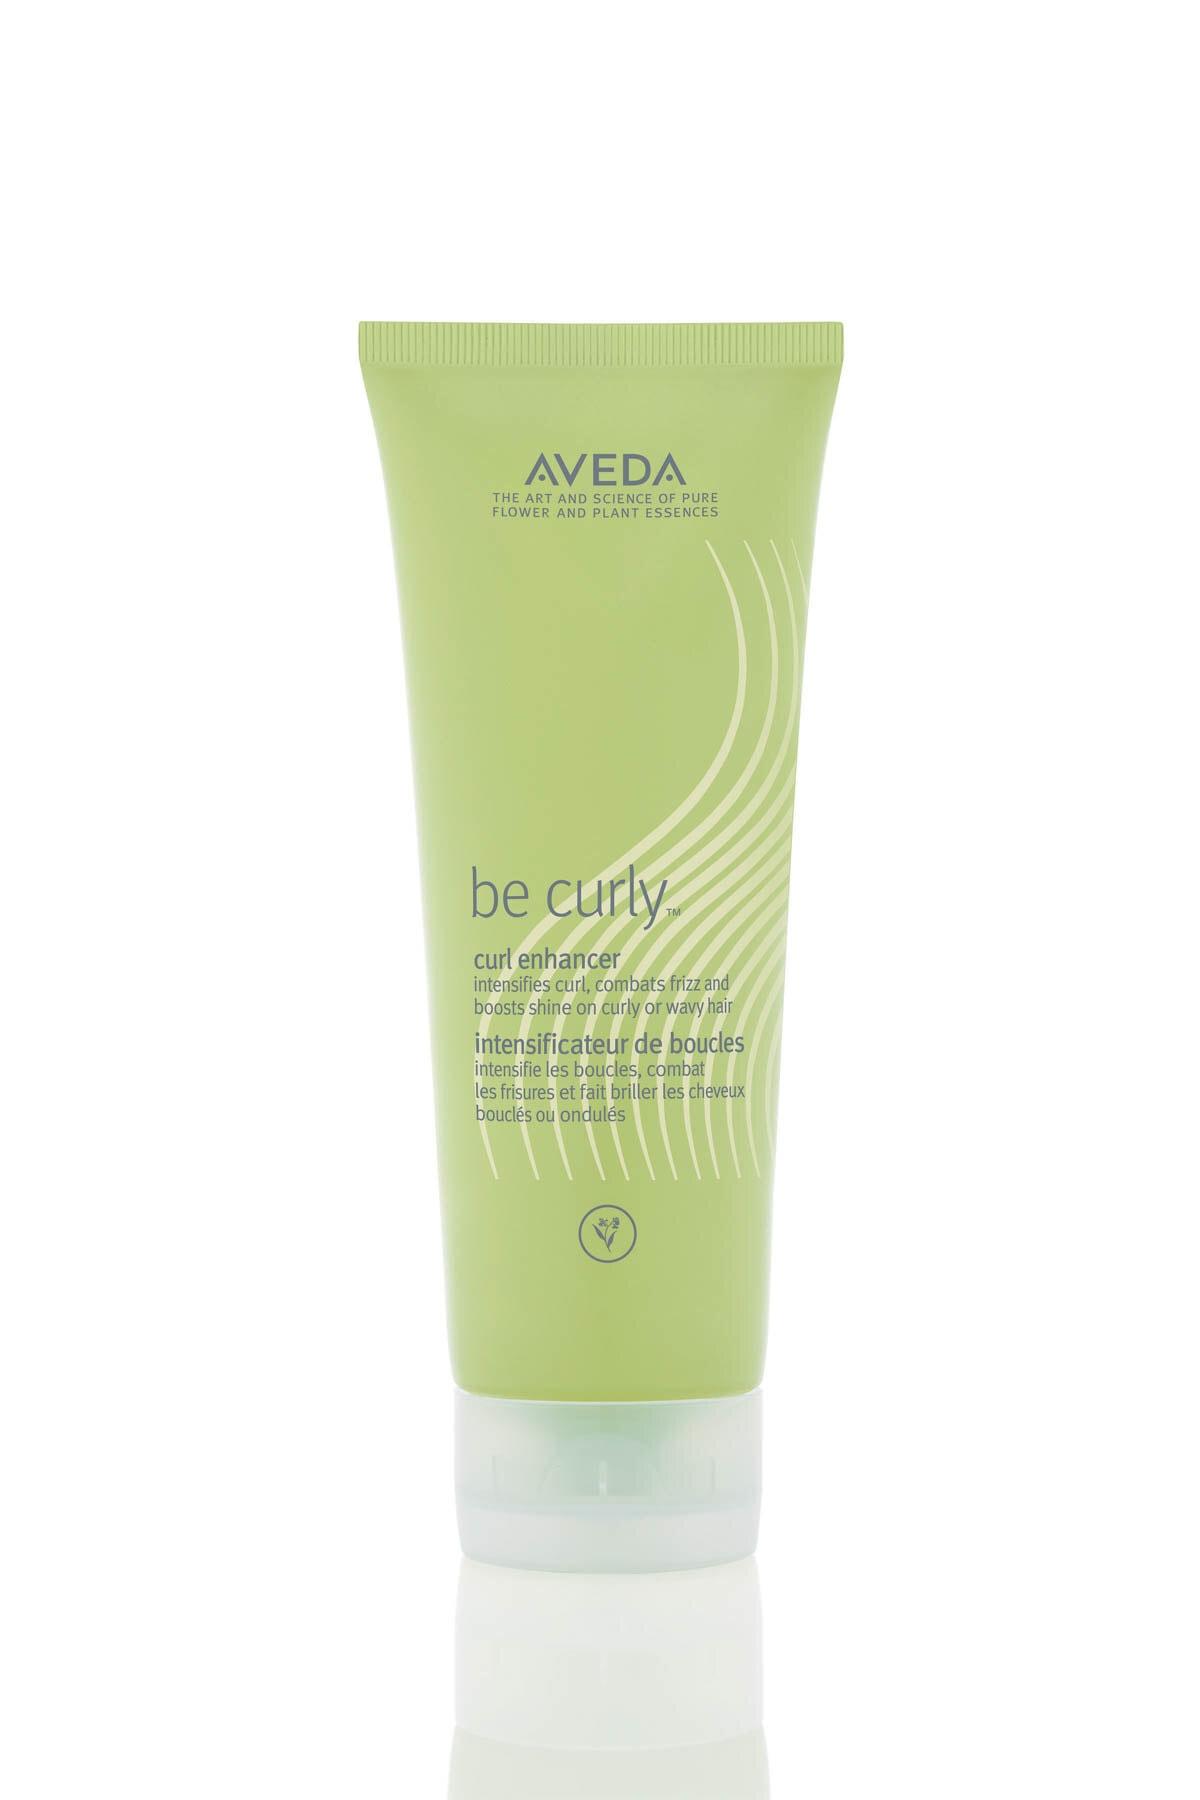 Aveda Be Curly Bukleli Saçlar için Saç Şekillendirici Krem 200ml 018084803479 0